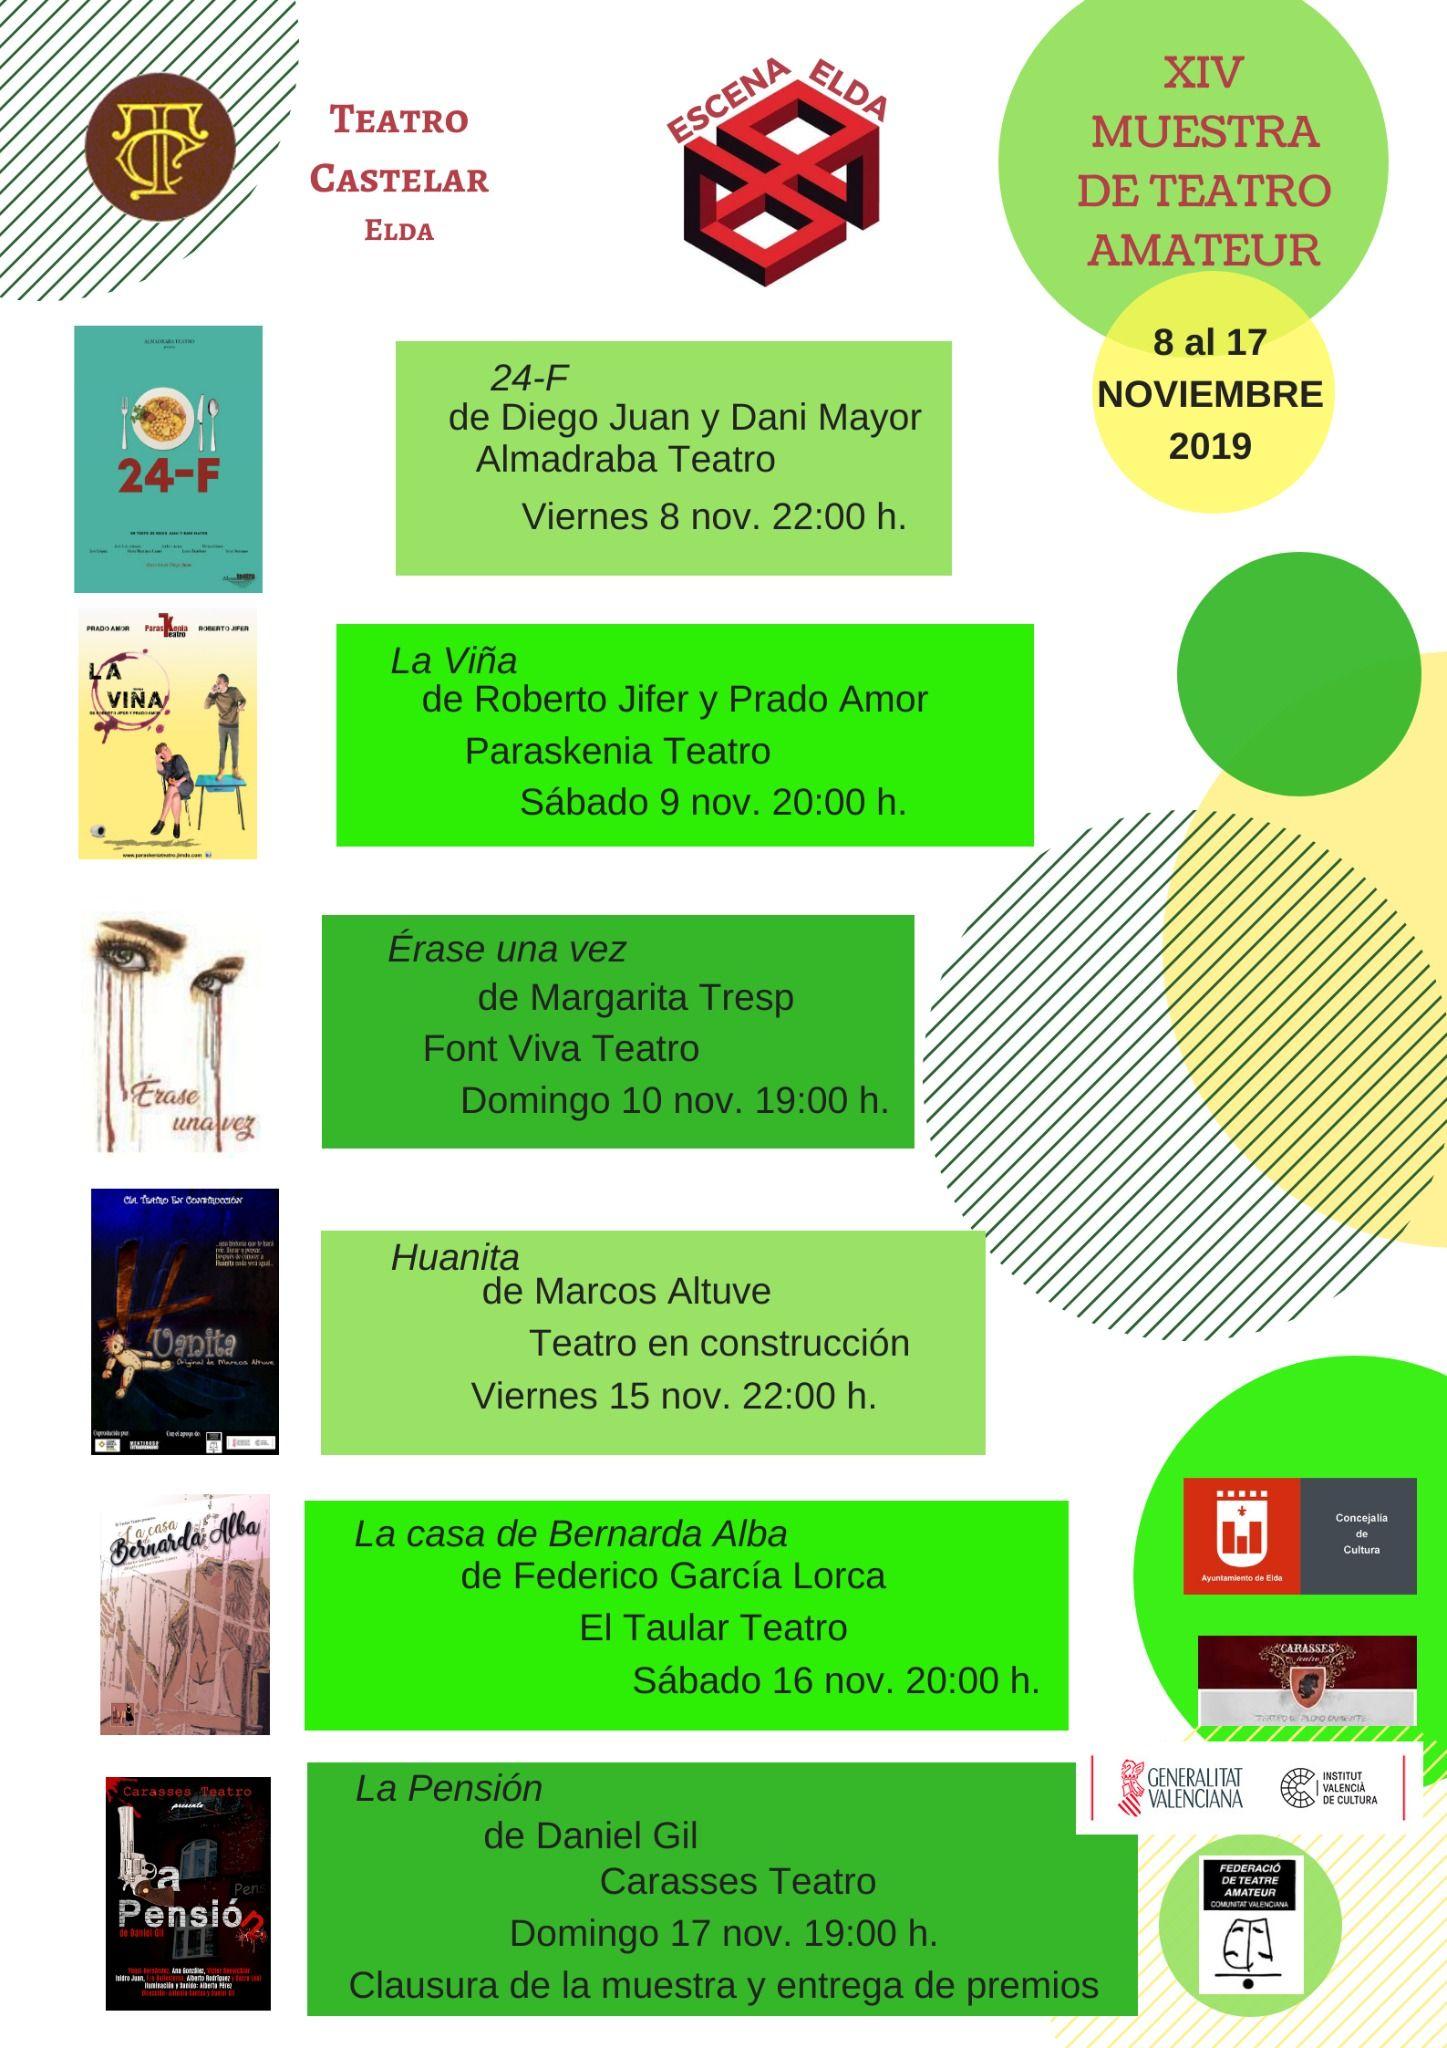 Obras 14ª Muestra de Teatro Amateur de Elda